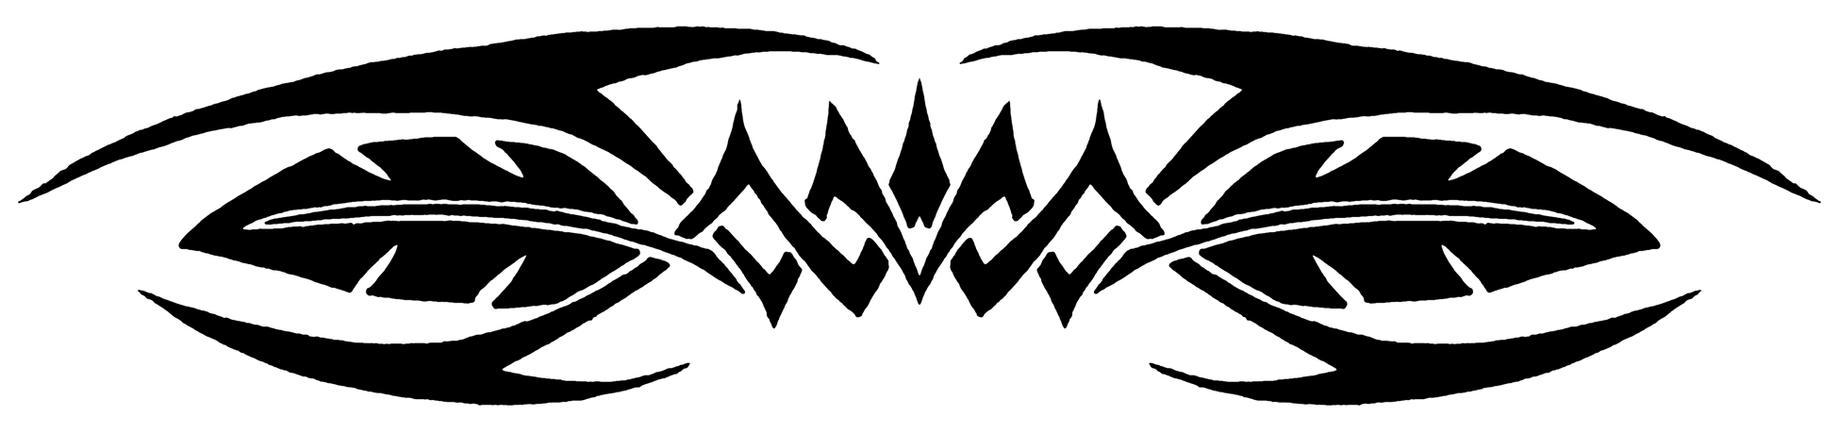 tribal design 6 by gbcink on DeviantArt